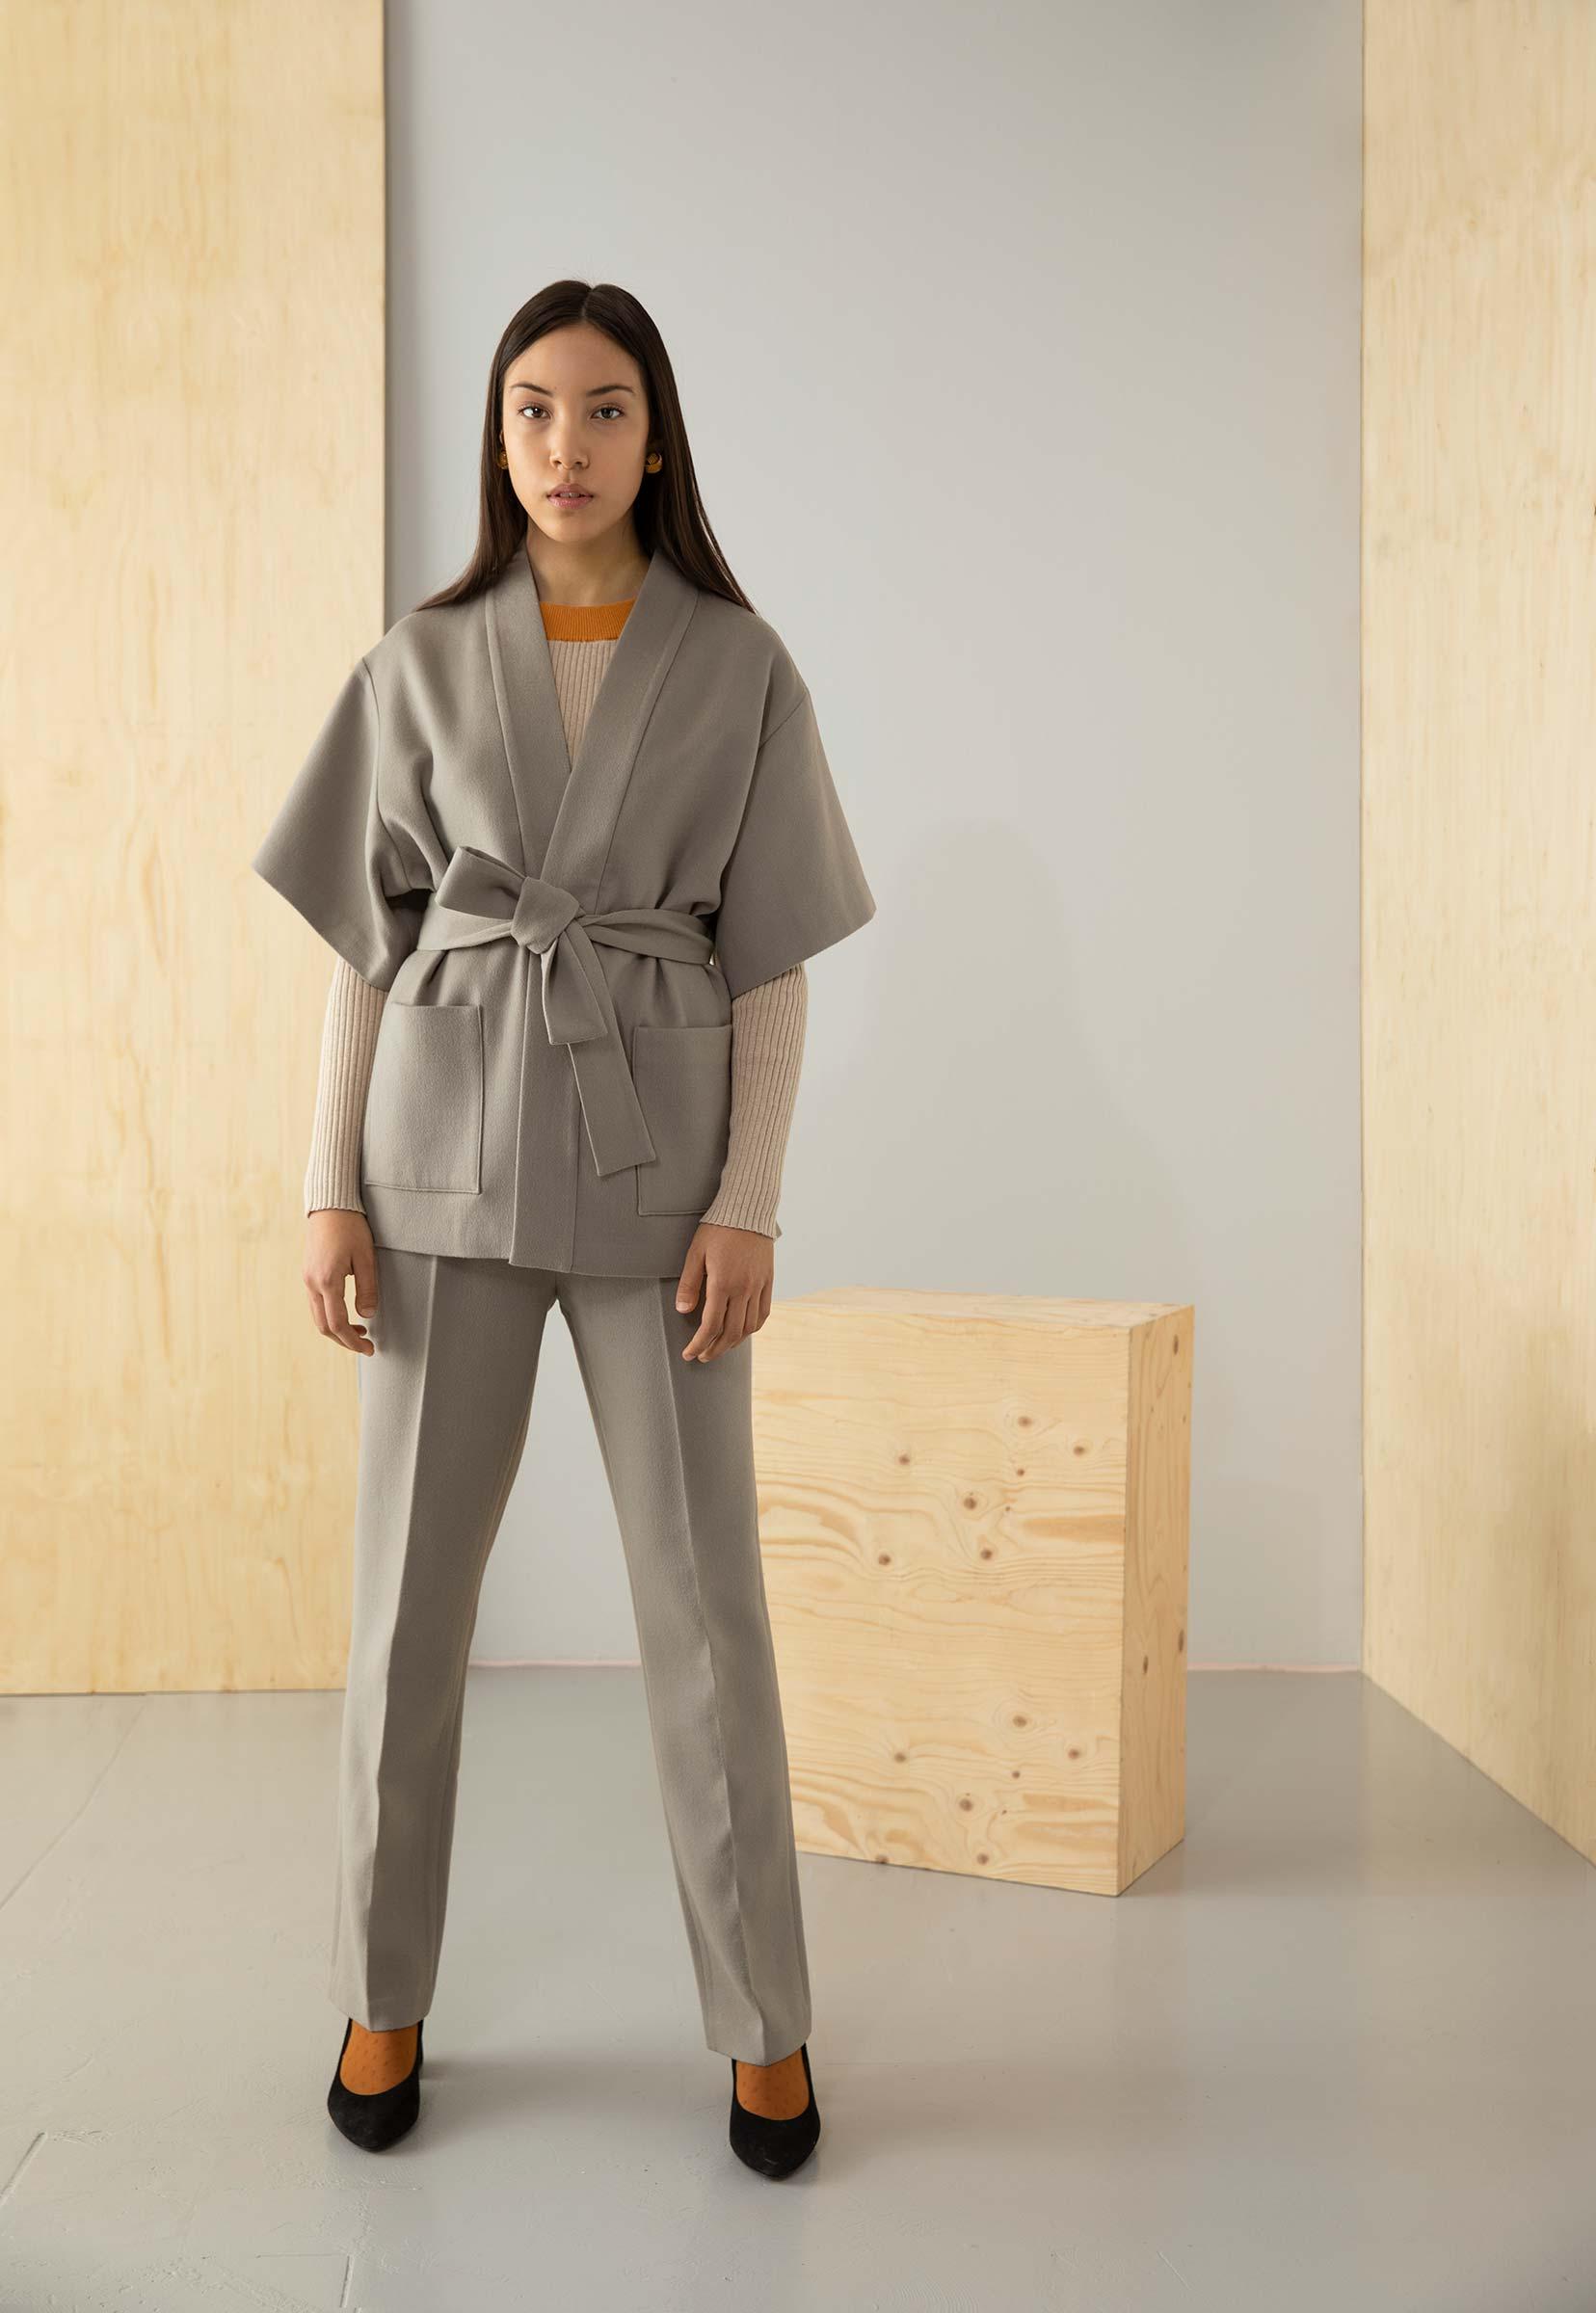 modell fotograferad i studio